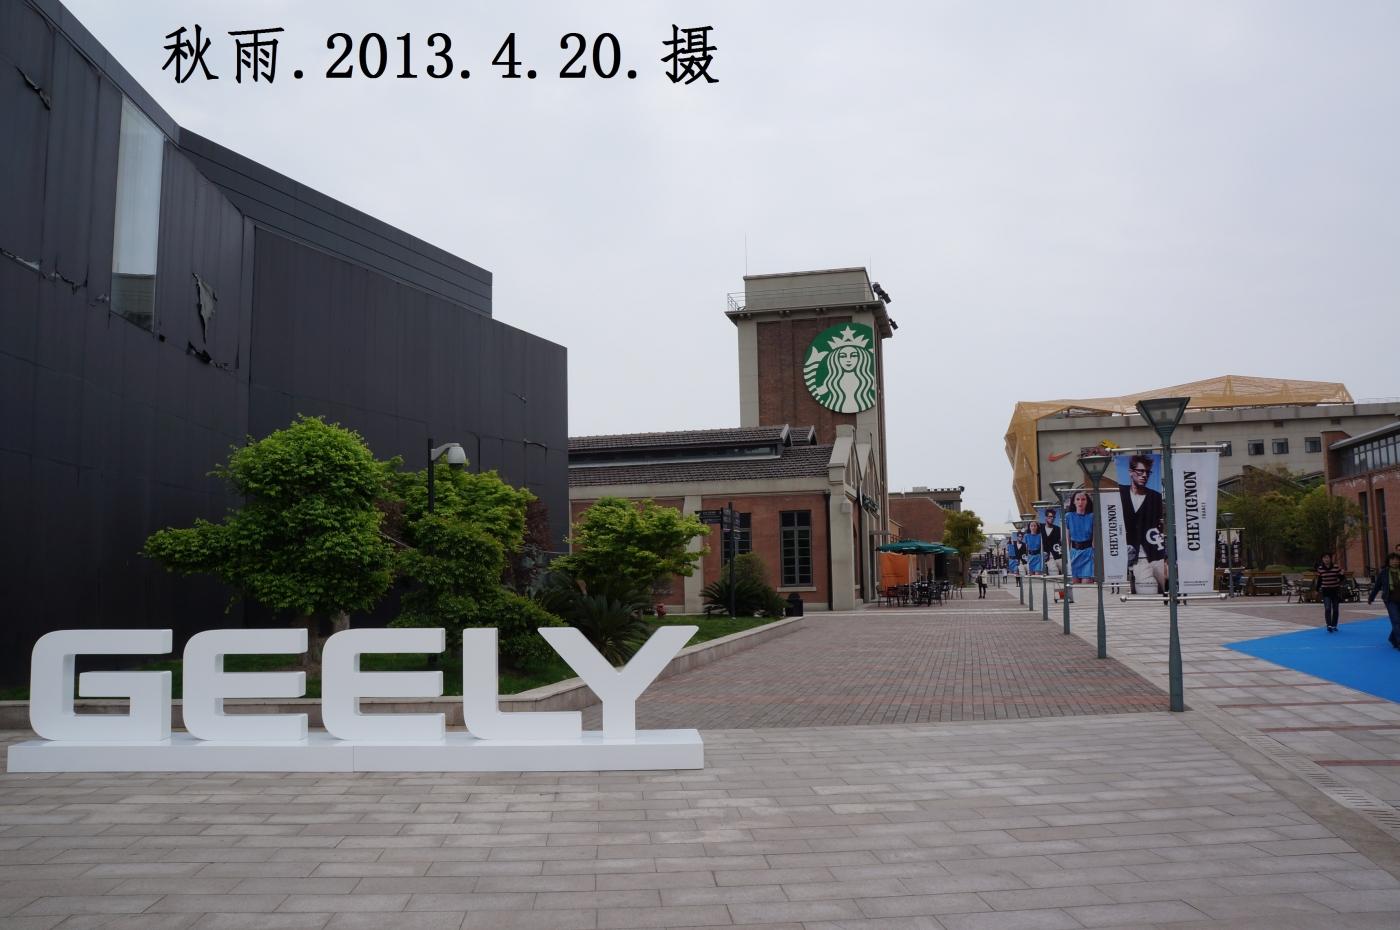 上海国际时尚中心,原国棉十七厂旧址(1),修旧如旧。摄影原创。 ..._图1-4